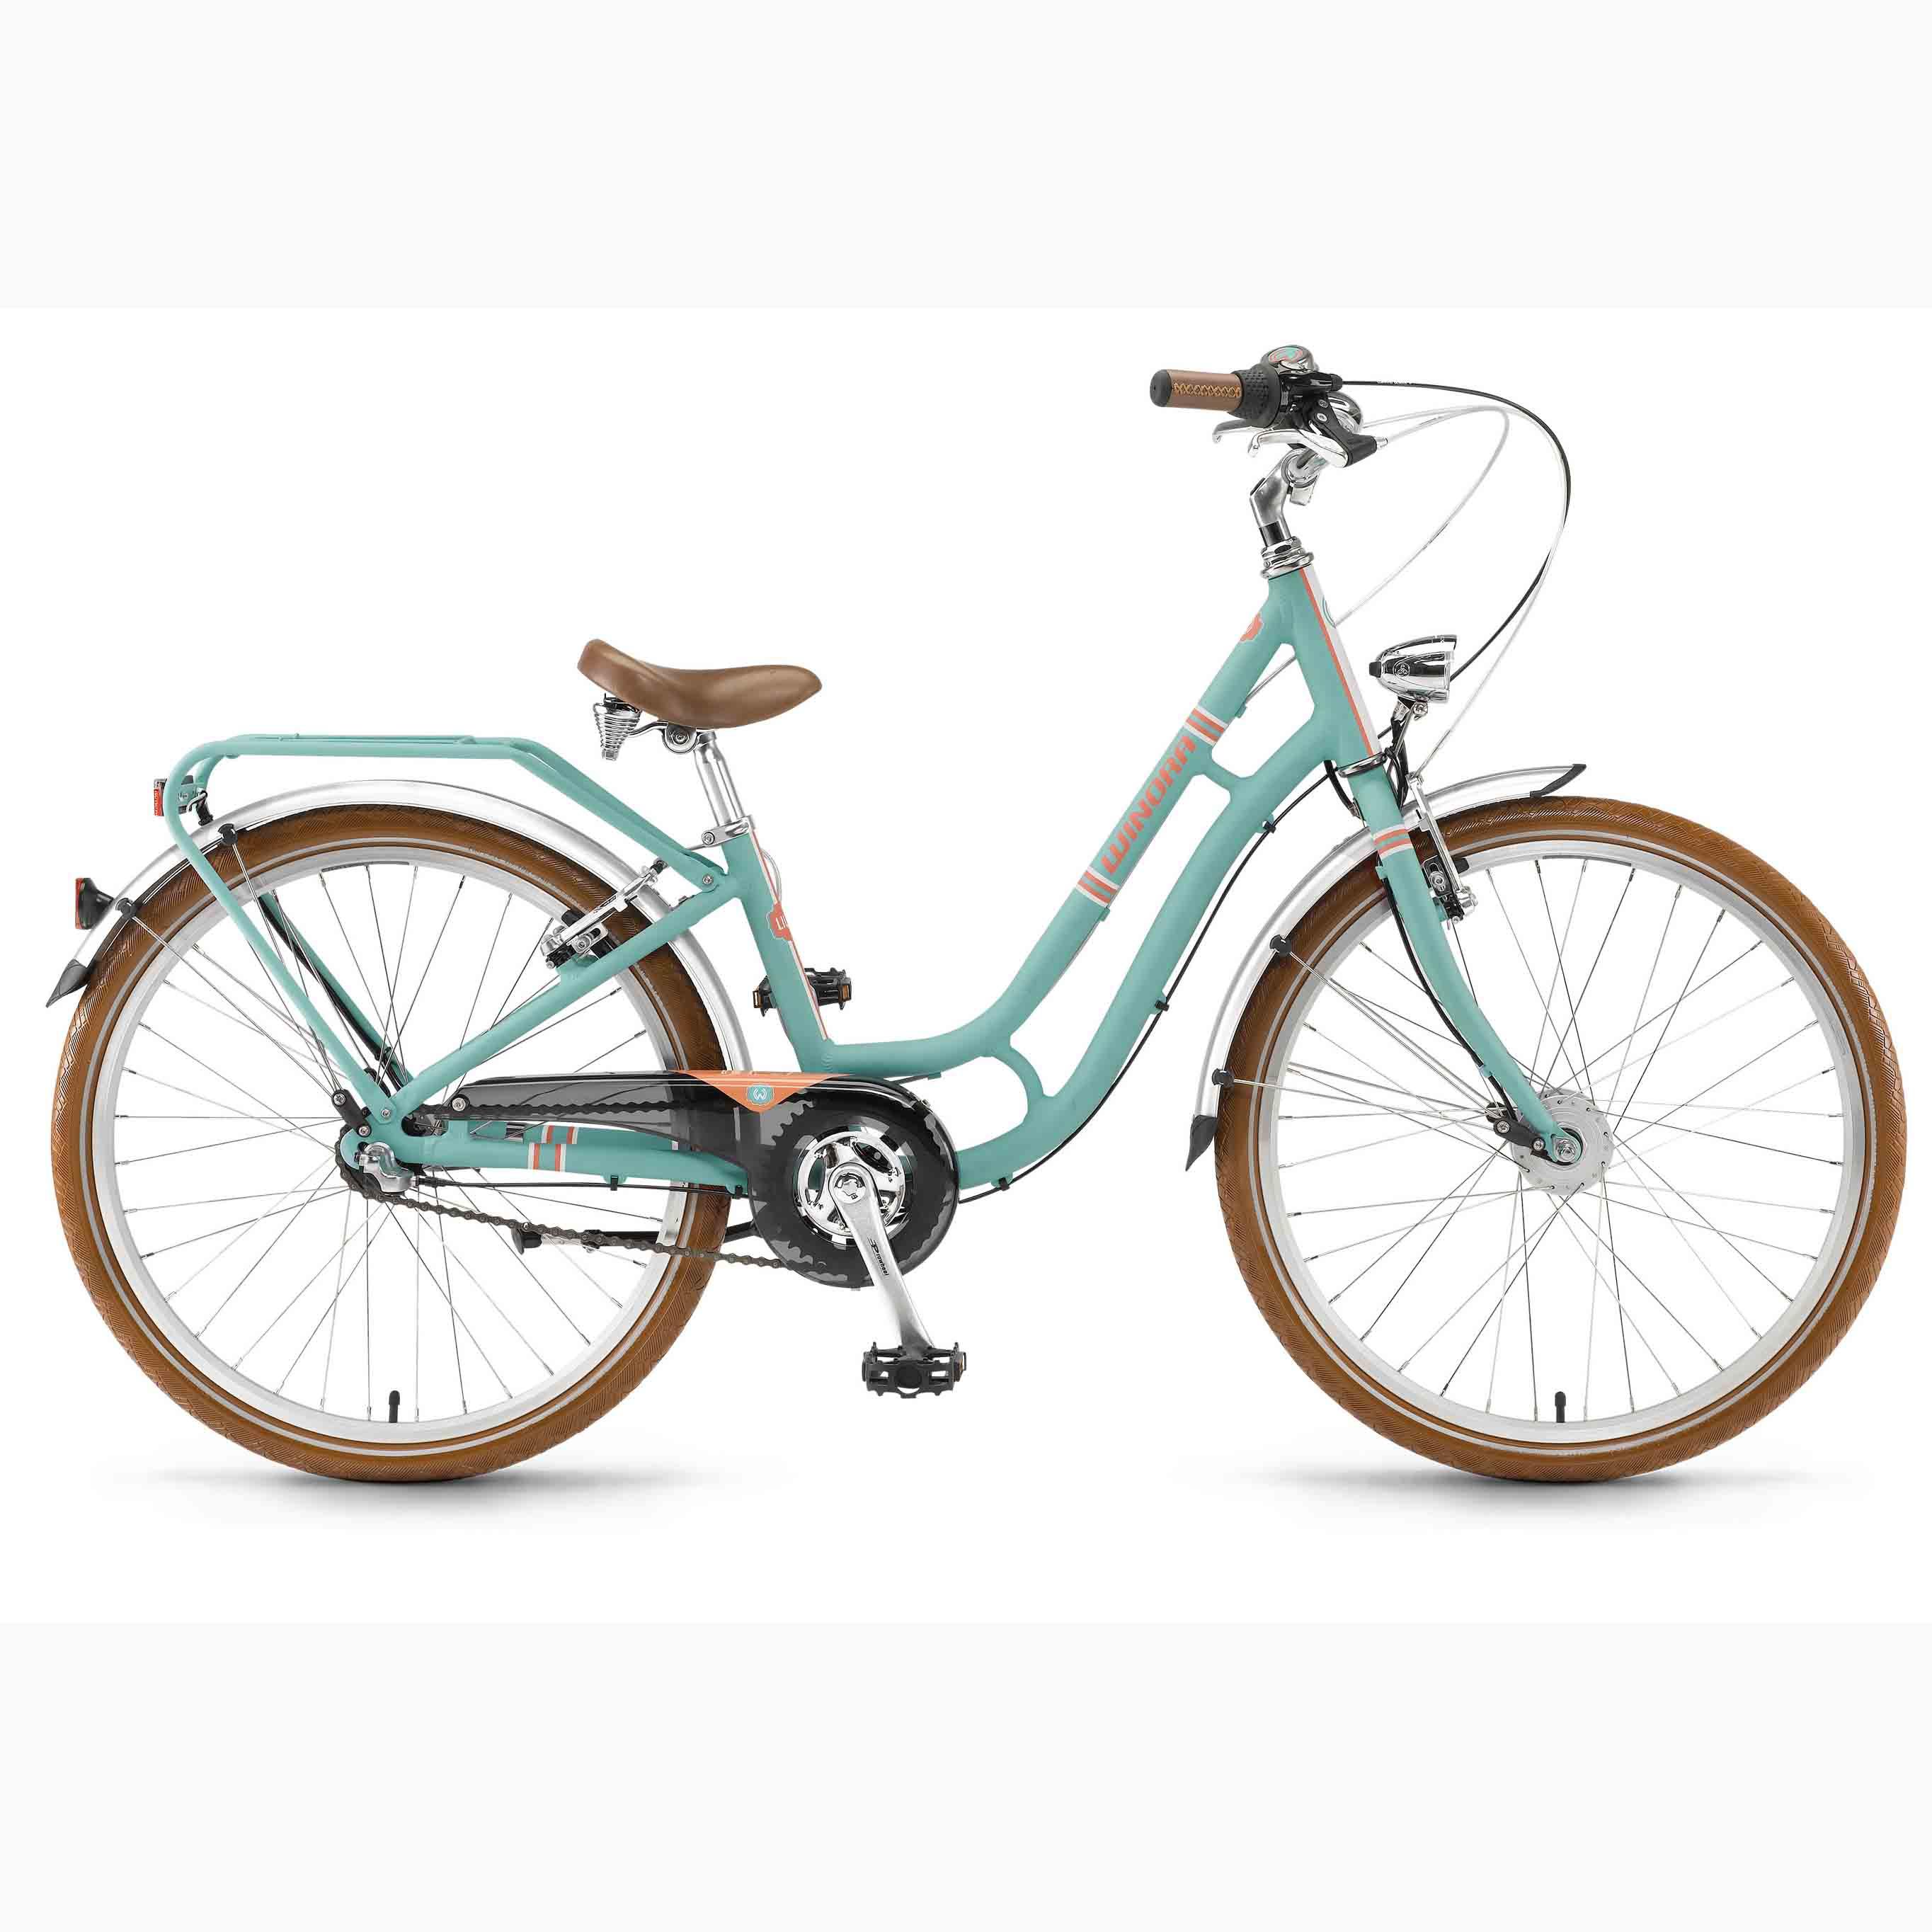 Фото Велосипед Winora Lilou 24″ 3s Nexus, рама 32см, 2018